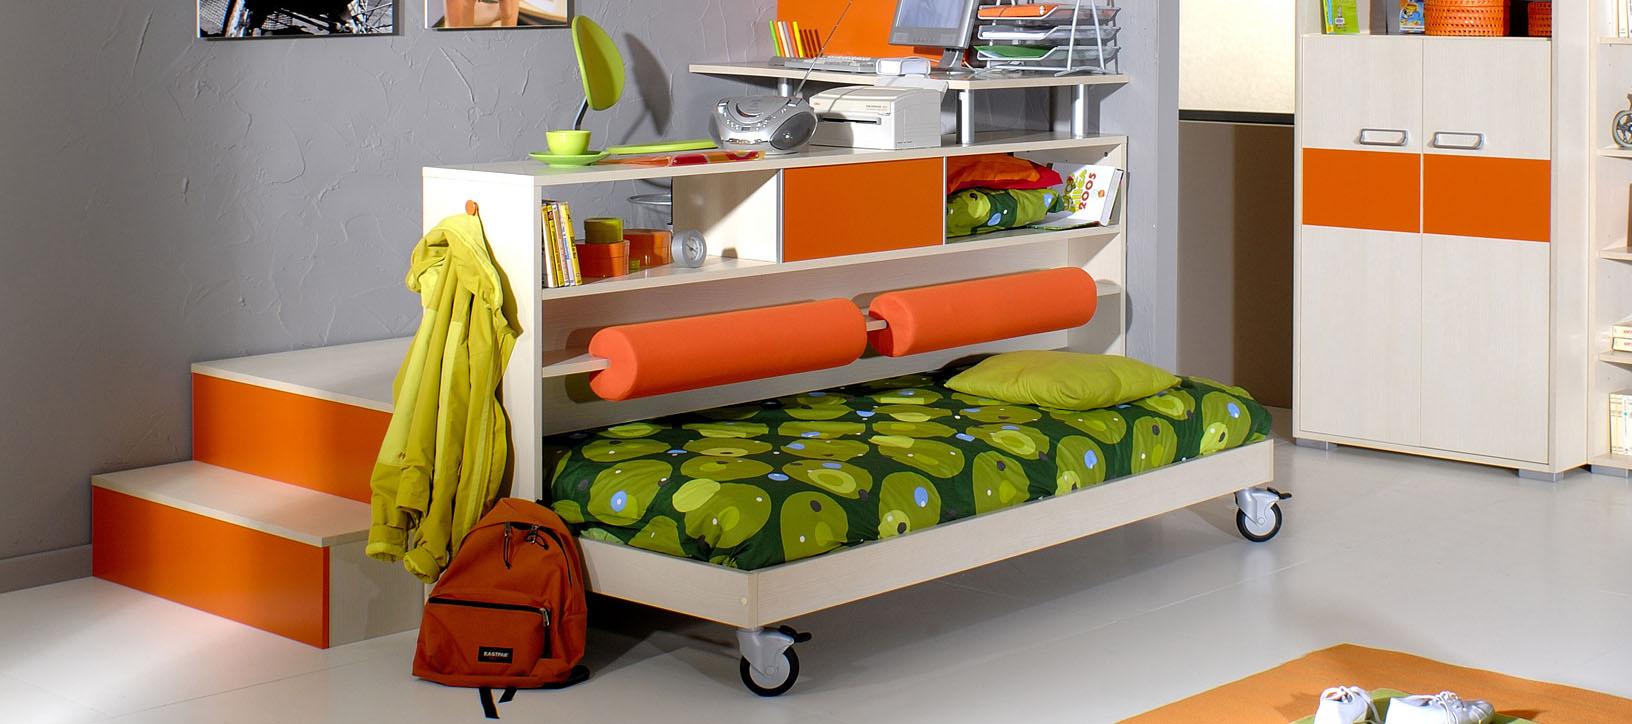 Кровать подиум детская на колесиках